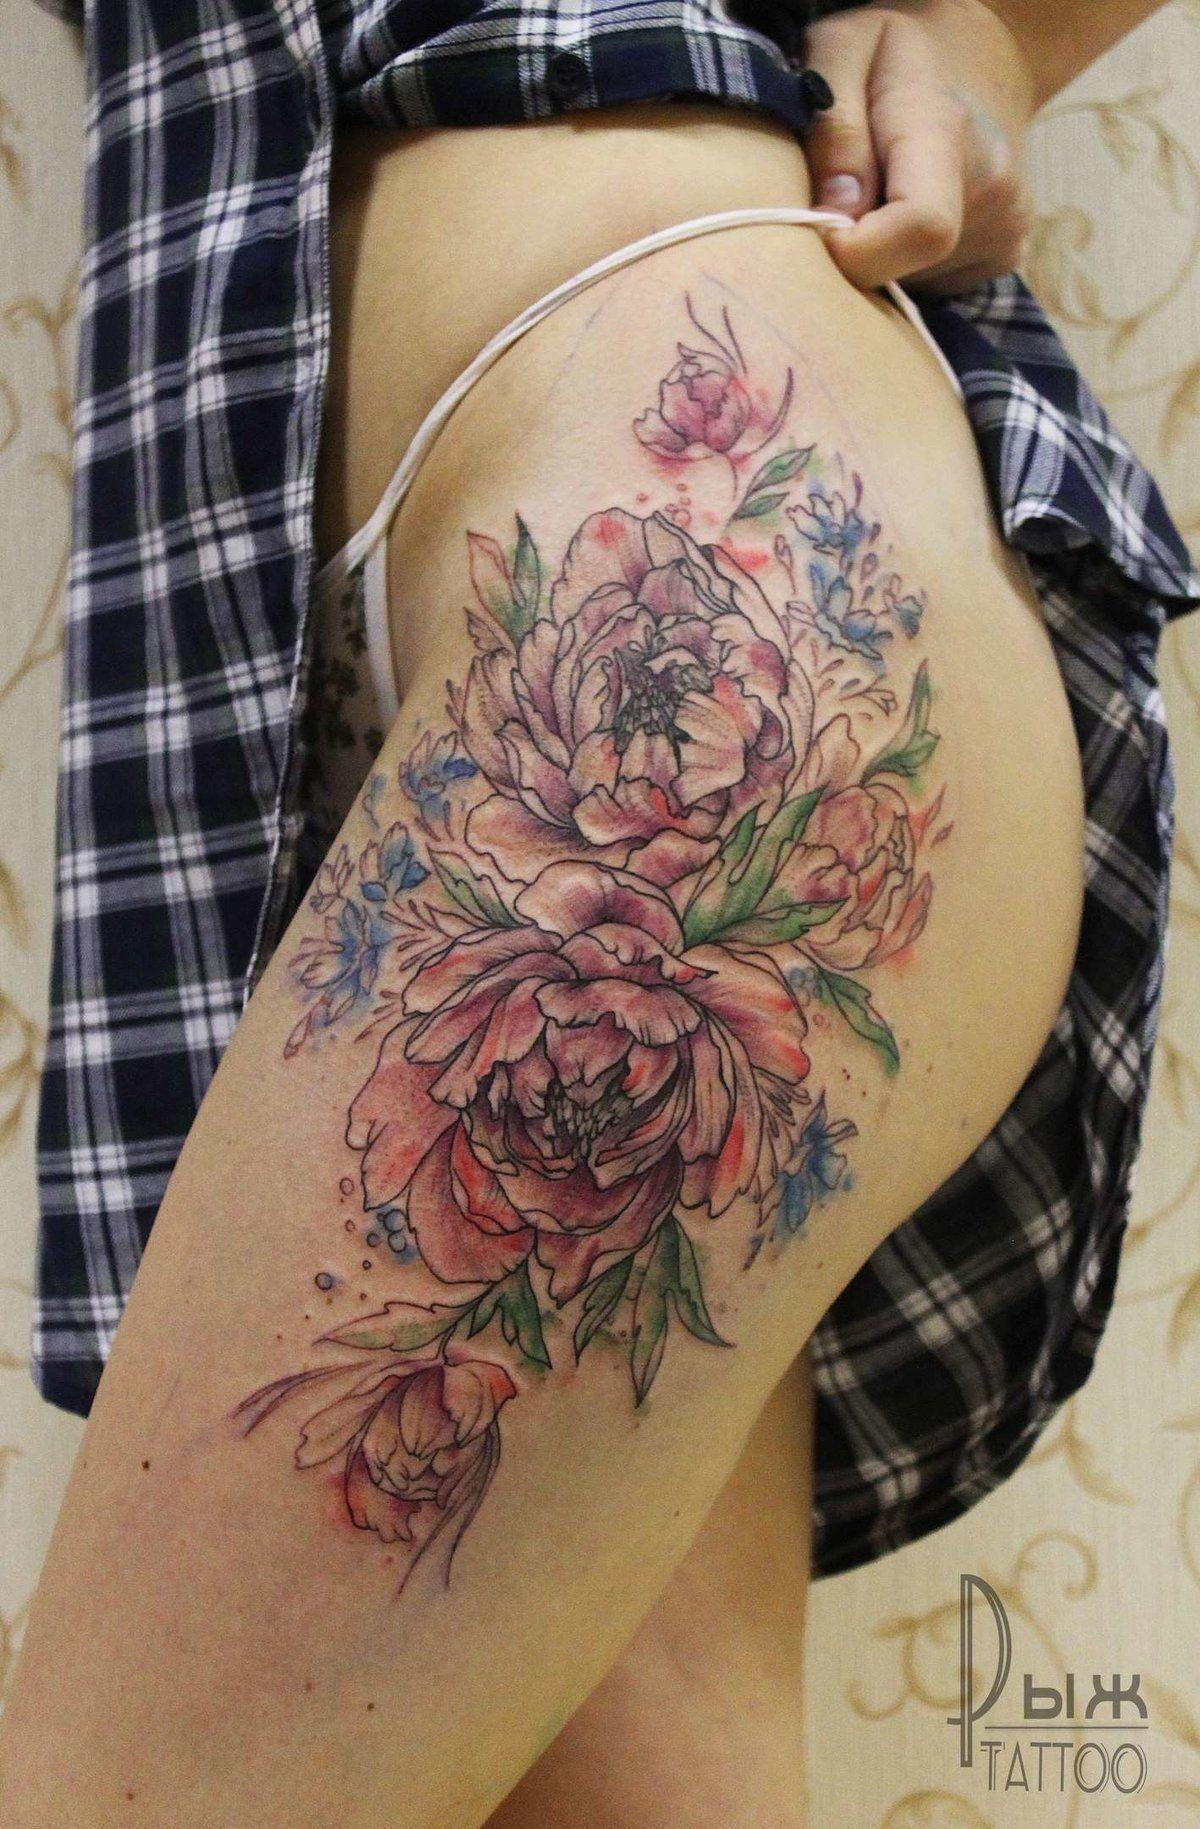 татуировка в стиле акварель пионы на бедре у девушки Fashion